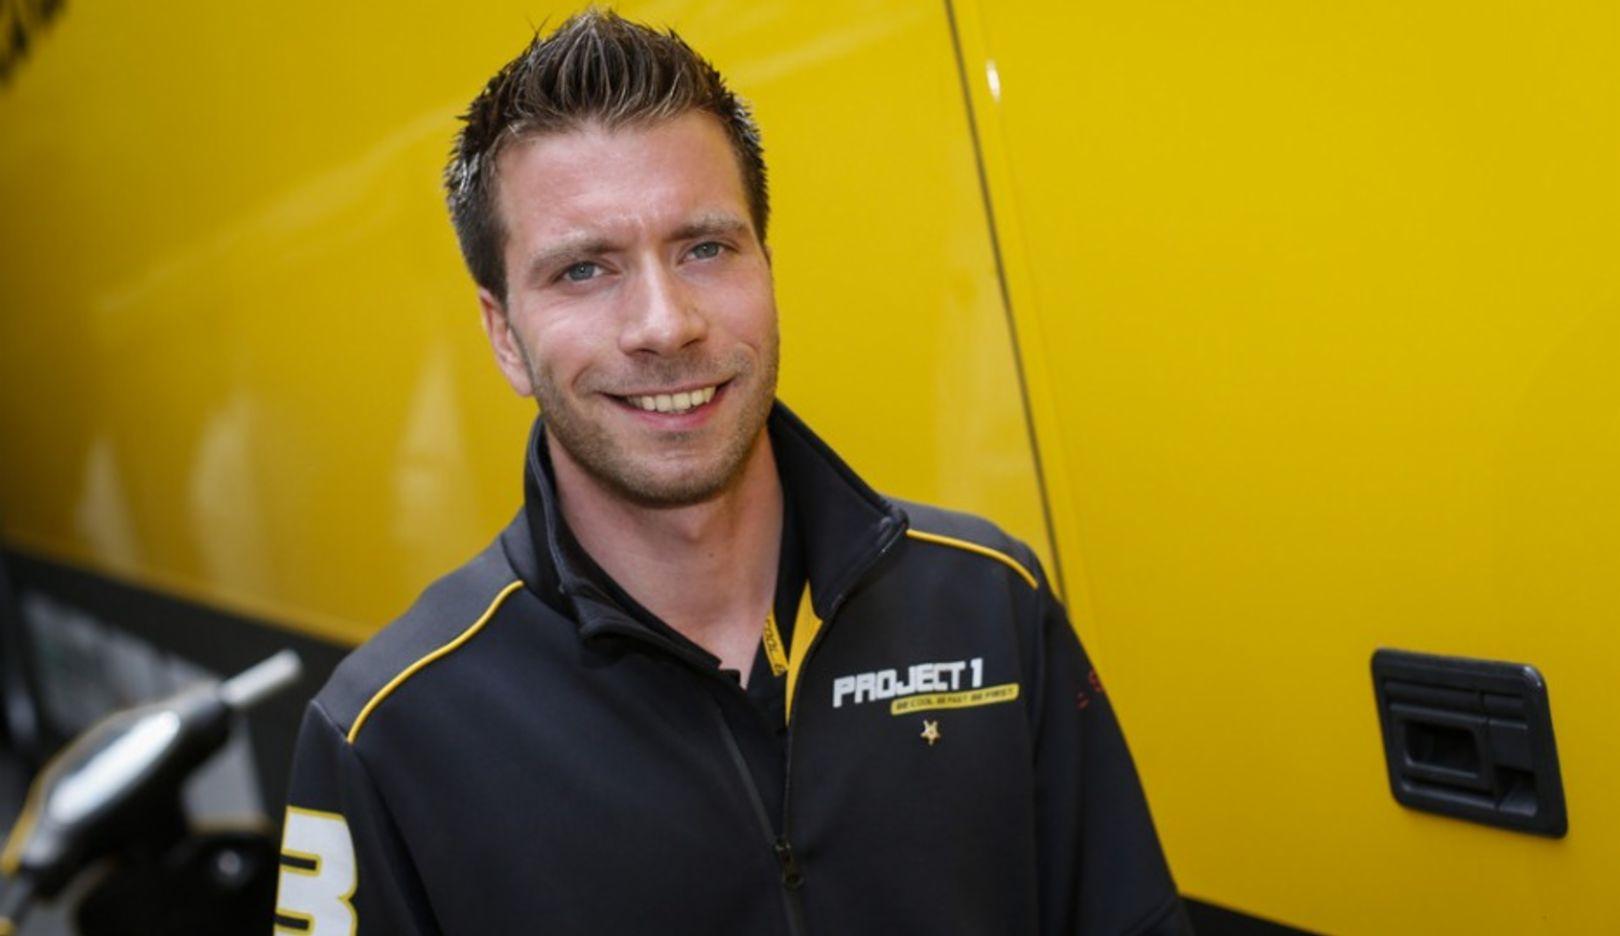 Philipp Eng, Werksfahrer, 2014, Porsche AG